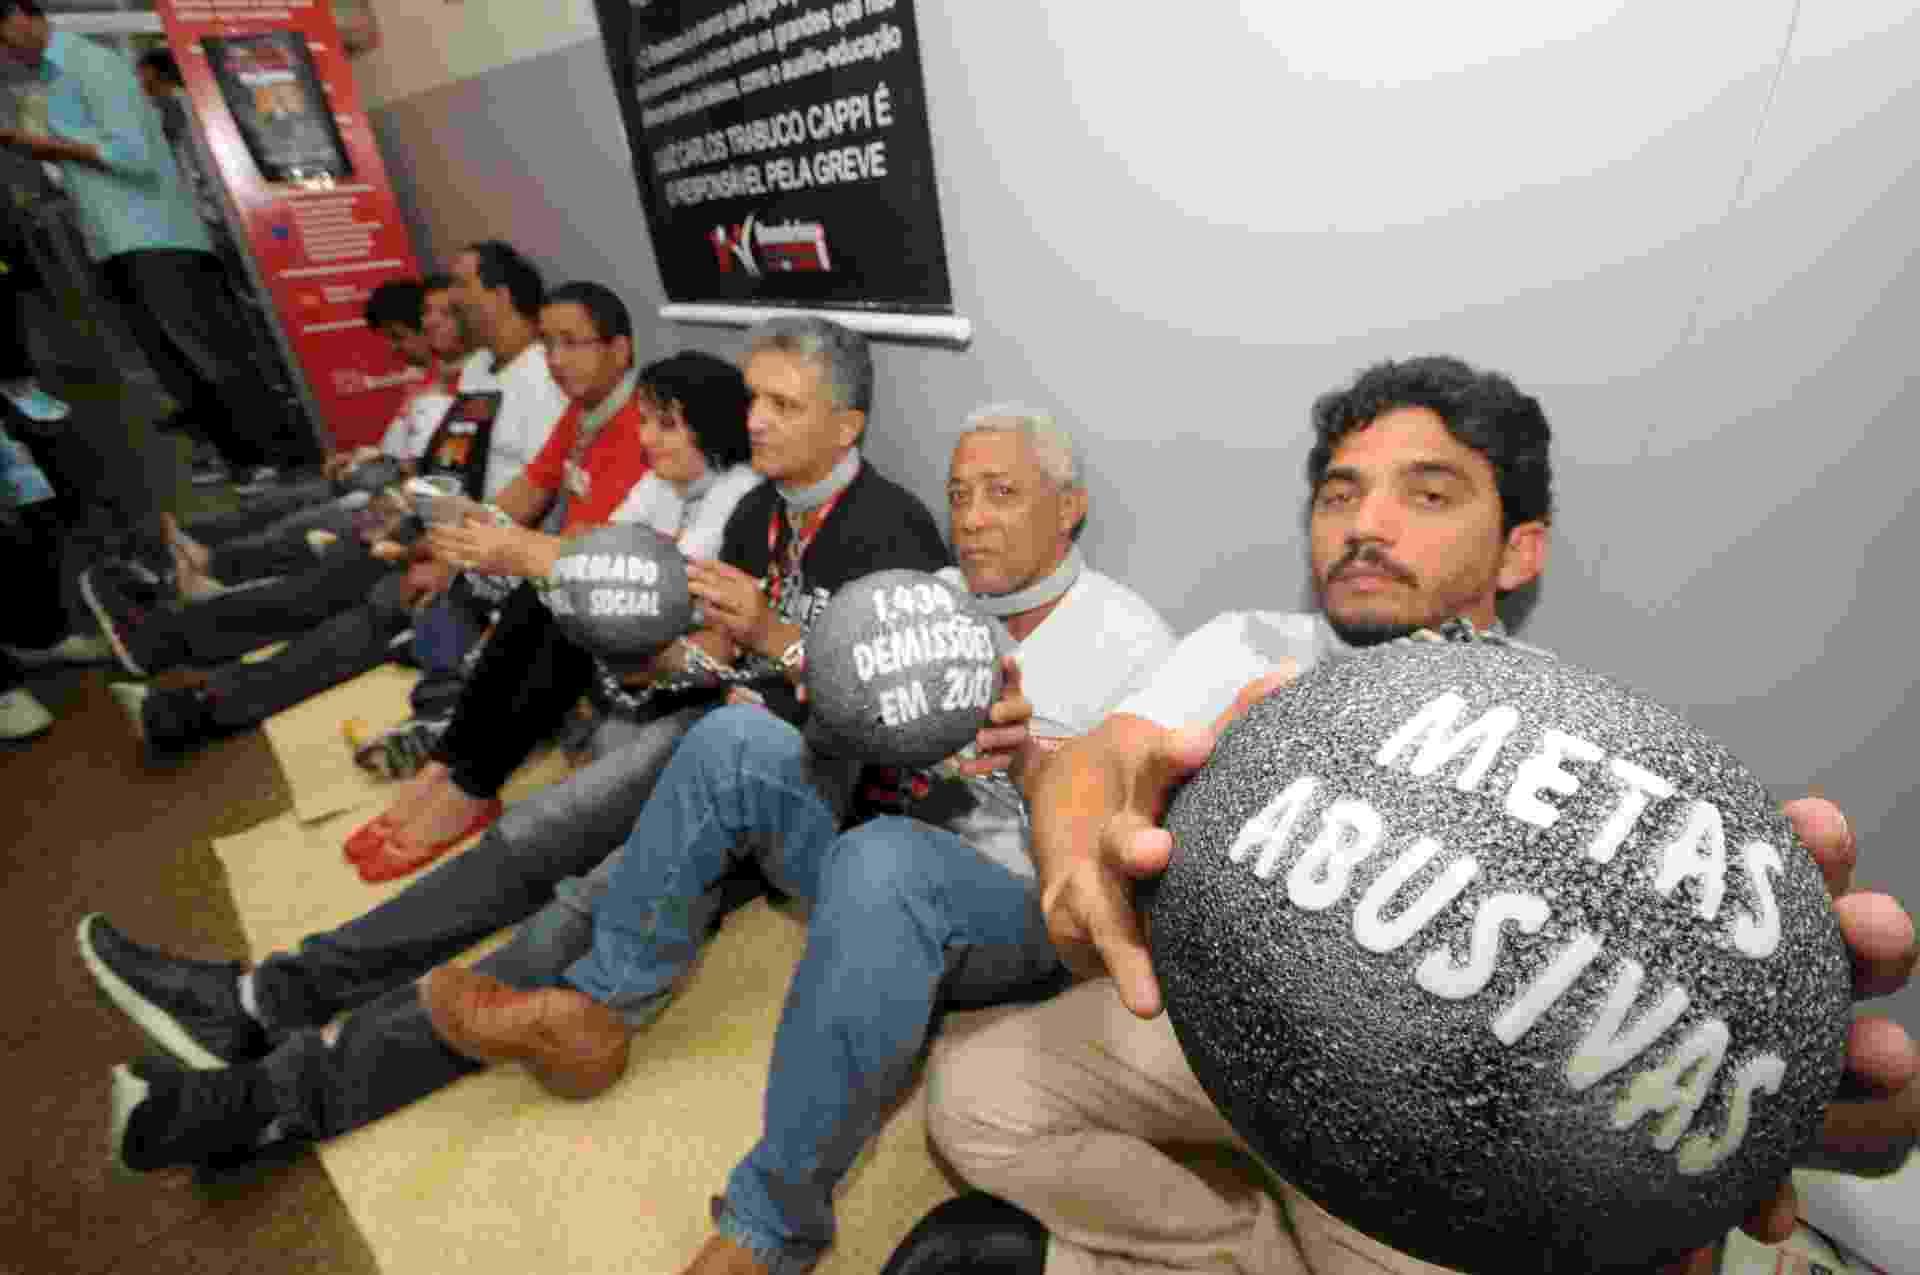 2.out.13 - Bancários do Recife em greve fazem protesto em frente a uma agência do Bradesco, localizada na rua da Concórdia, no centro da cidade - João Carlos Mazella/Fotoarena/Estadão Conteúdo